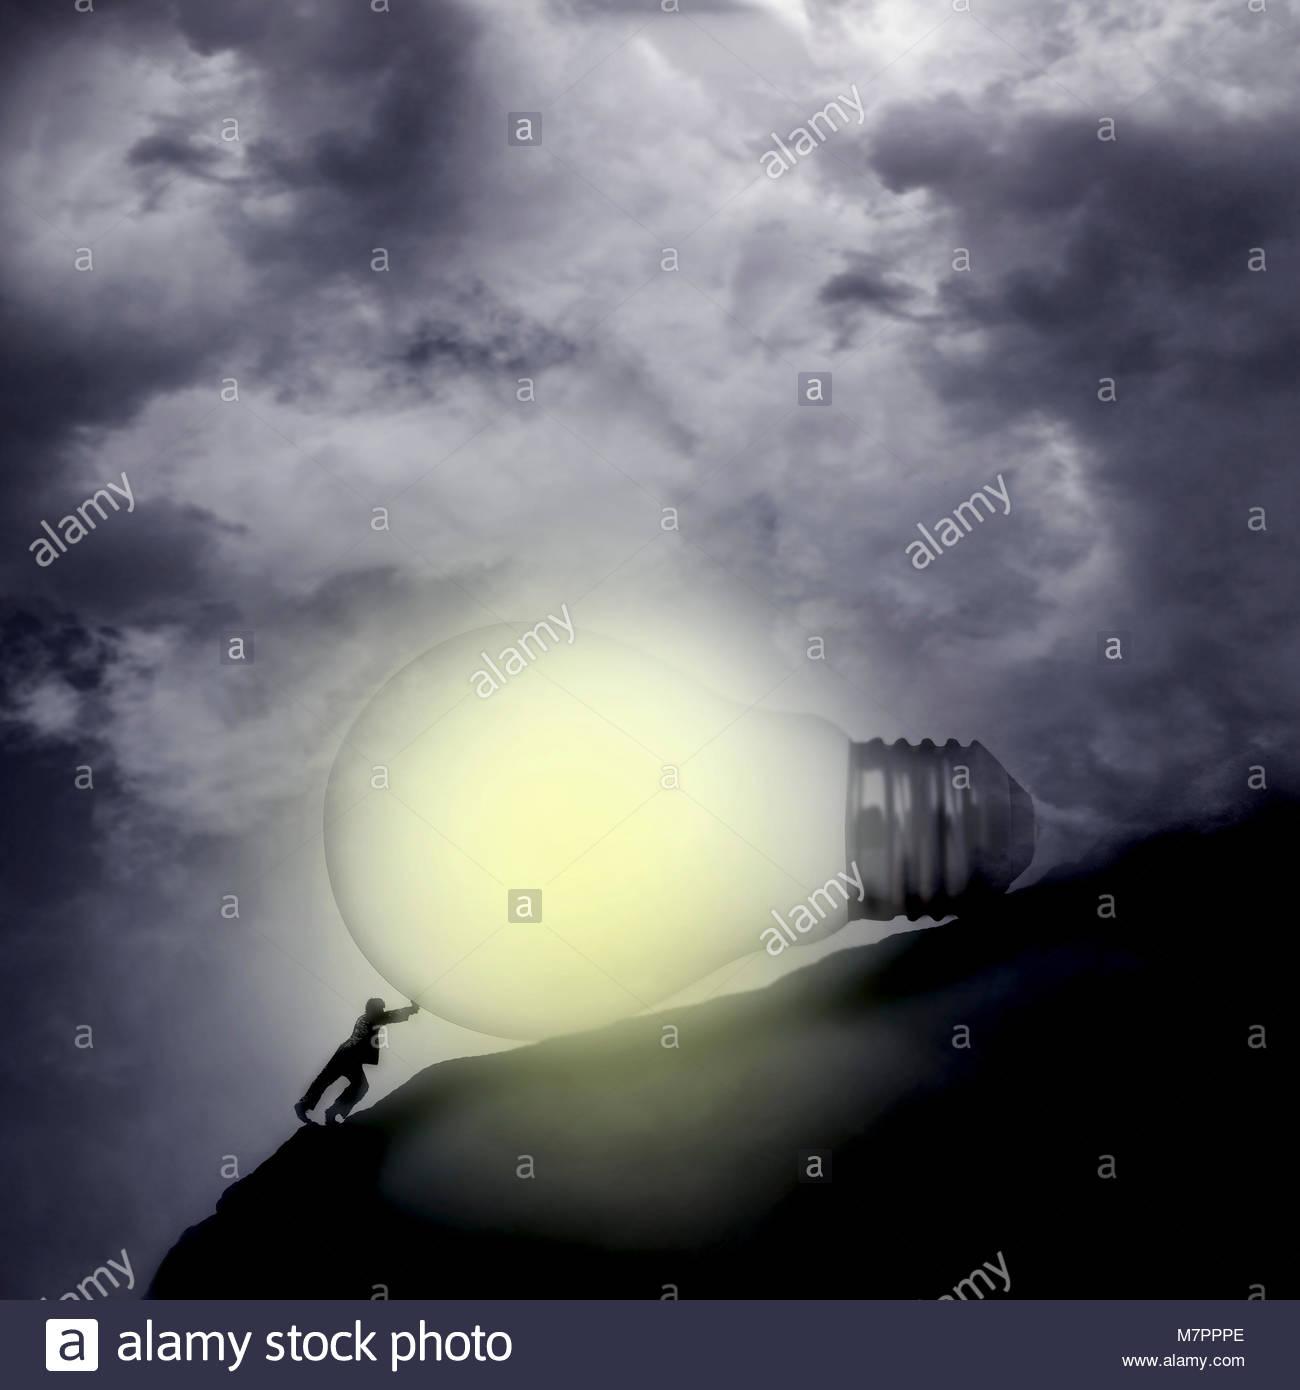 Empresario empujando la bombilla iluminada empinada colina arriba Imagen De Stock